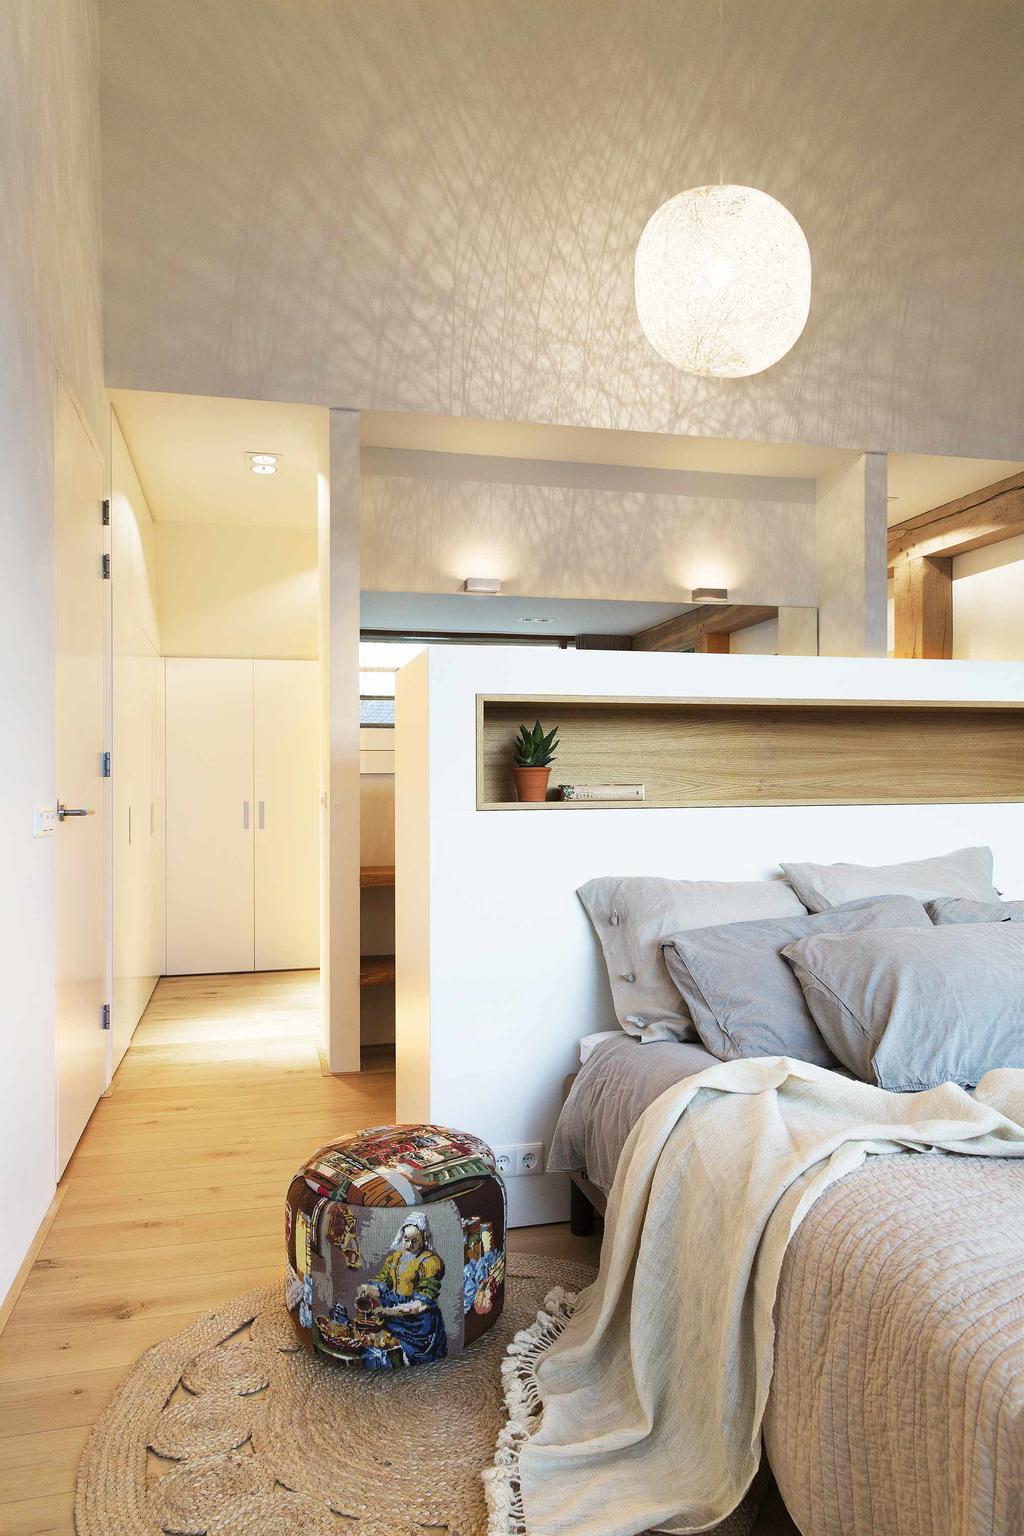 Slaapkamer met wit schot en donker dekbed